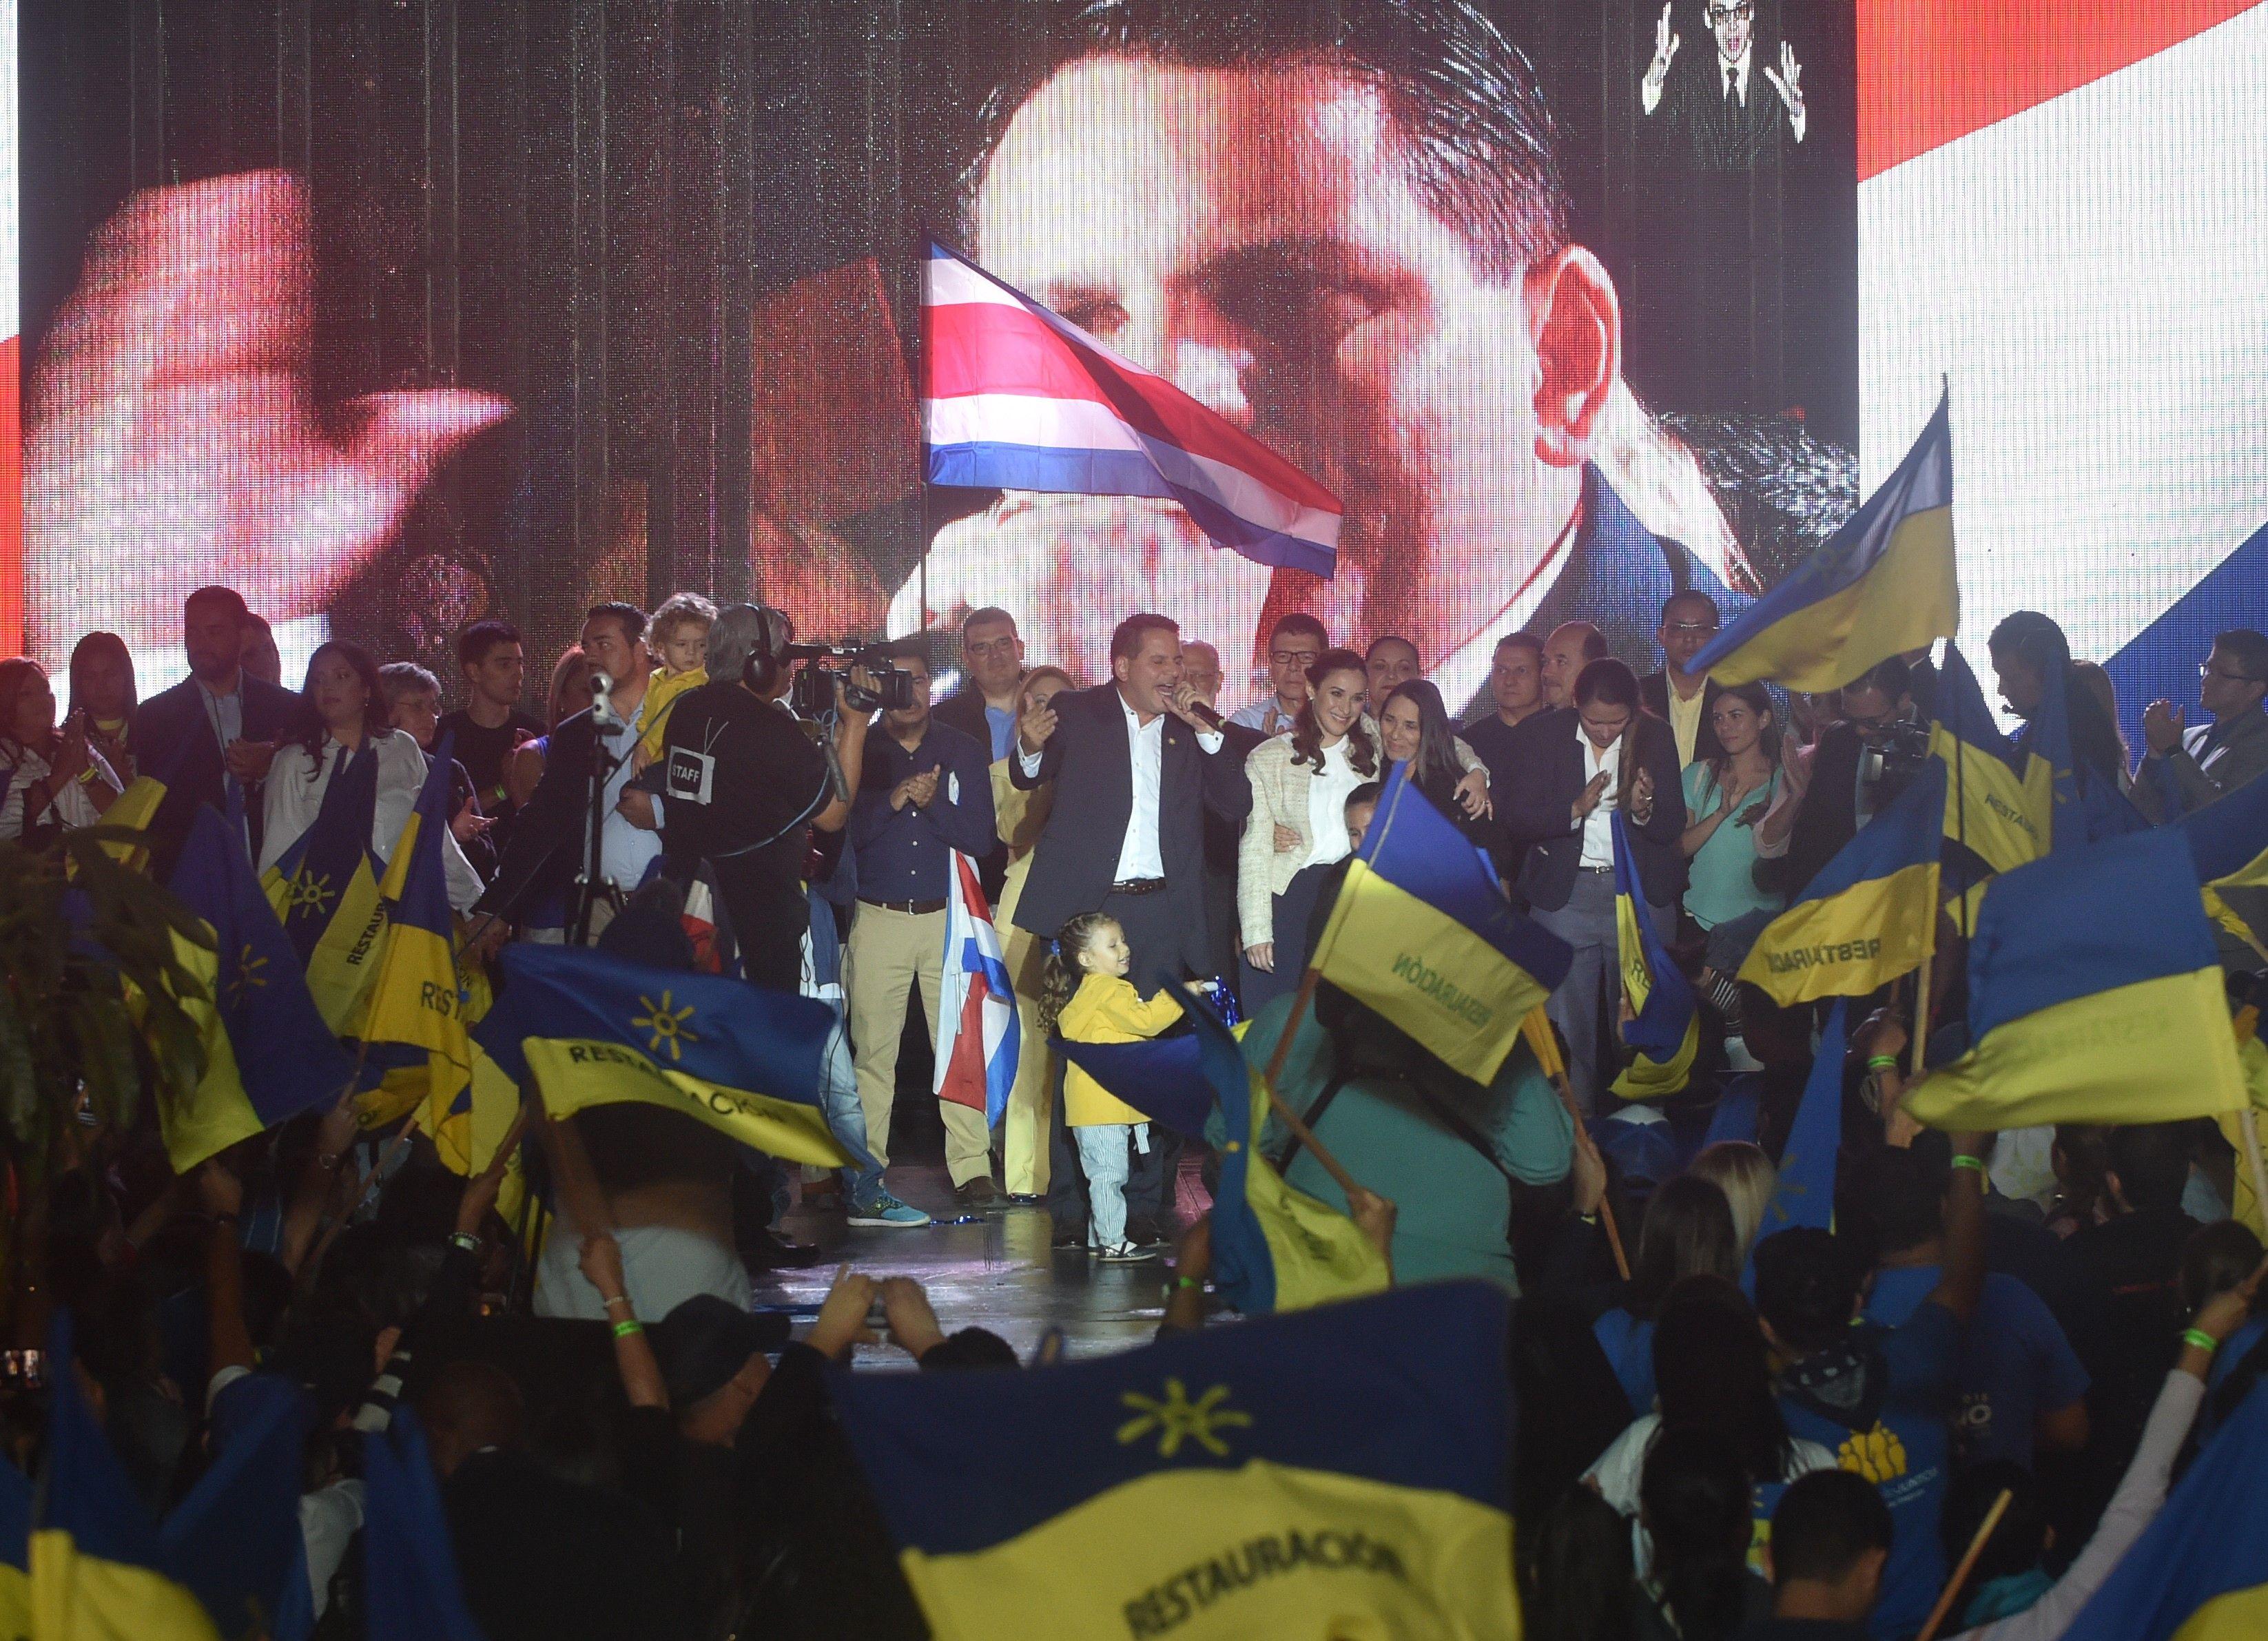 1494080-احتفالات-فى-كوستاريكا-بعد-انتخاب-كارلوس-ألفارادو-رئيسا-للبلاد